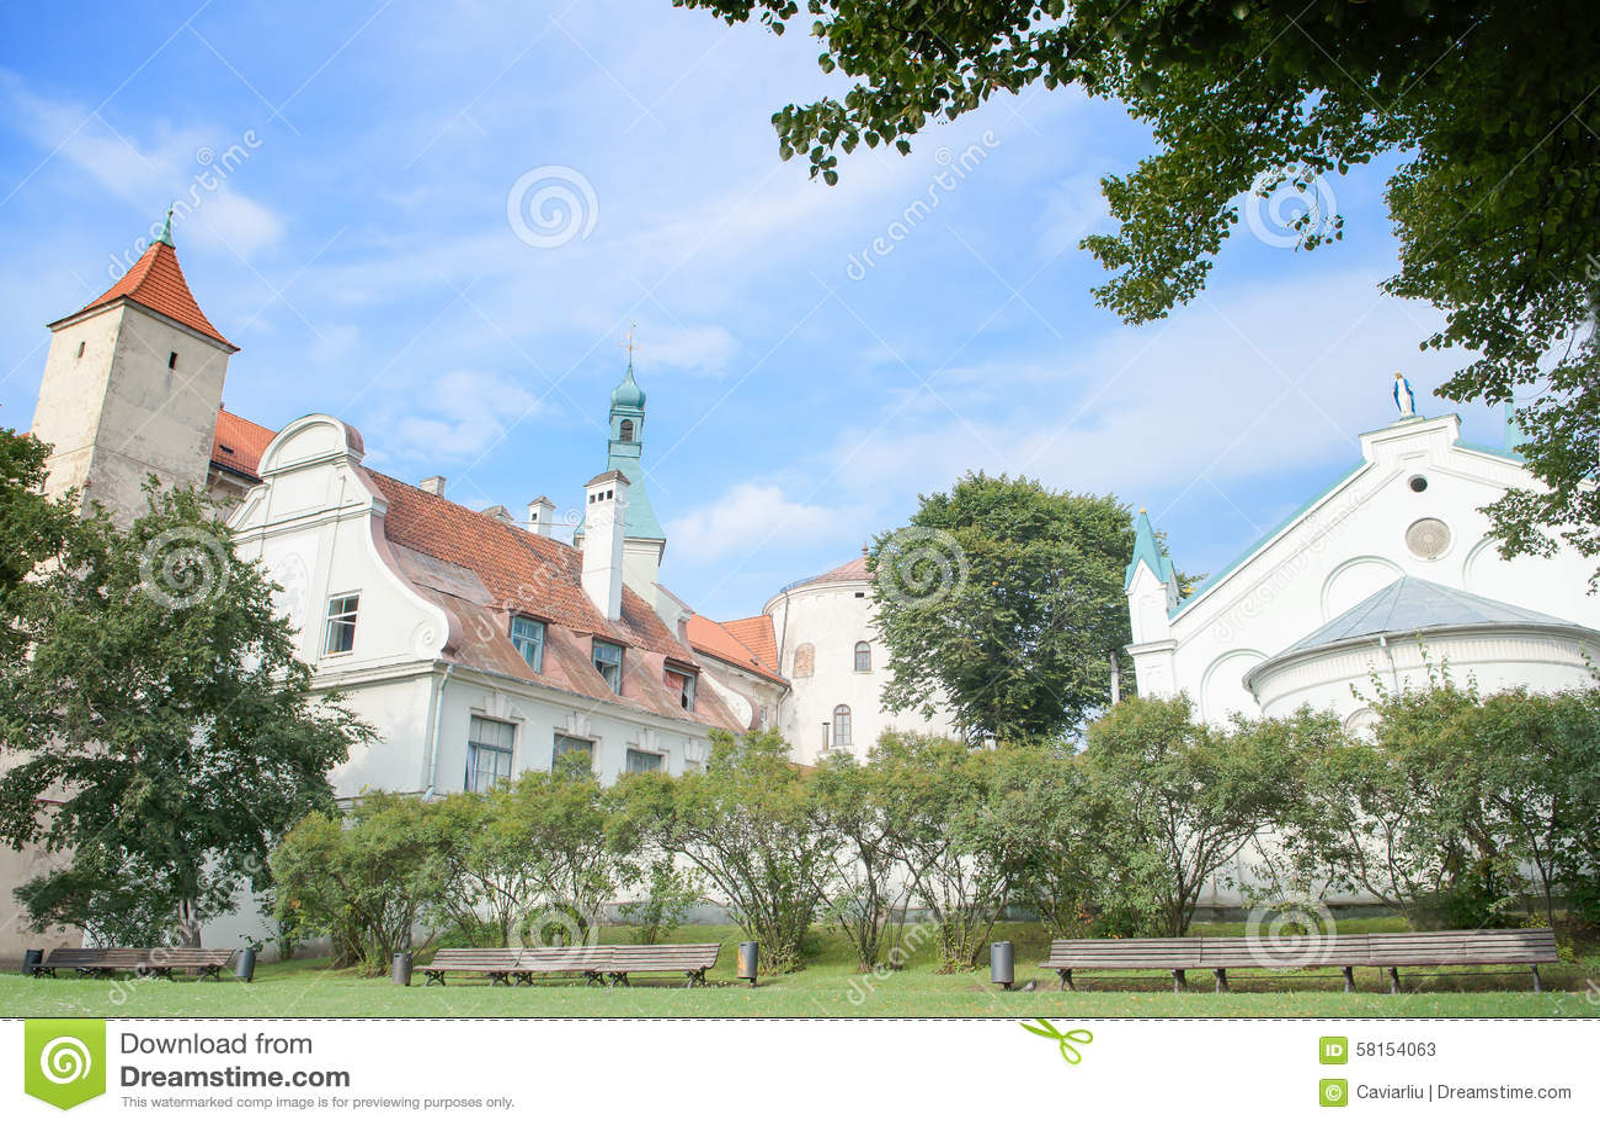 Riga, Letonia - 10 de agosto de 2014 - la vista pintoresca del castillo de Riga (la residencia del presidente de Letonia) con la